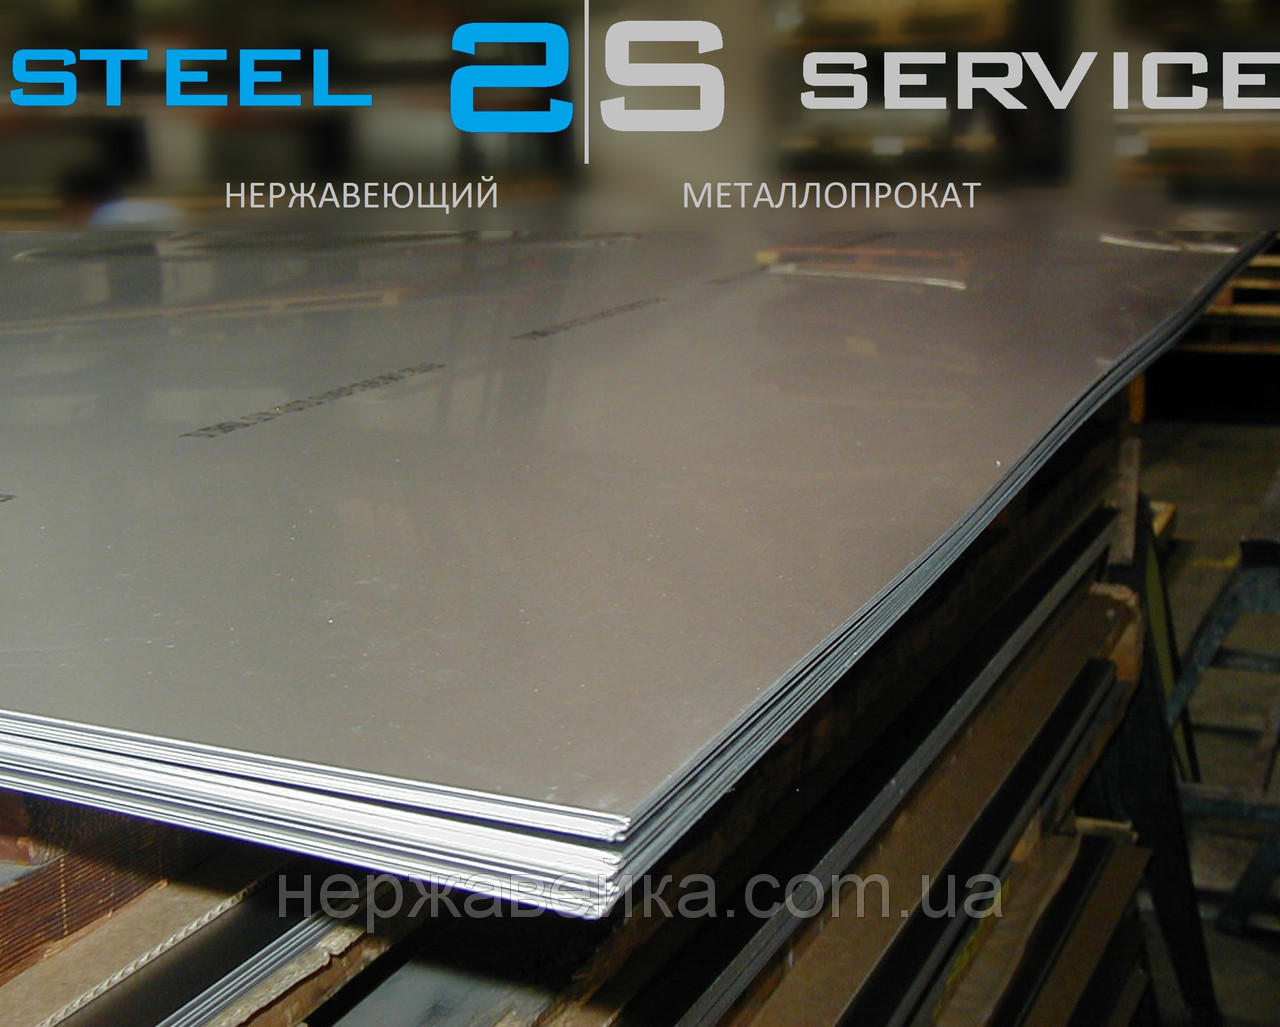 Нержавейка лист 25х1500х3000мм  AISI 321(08Х18Н10Т) F1 - горячекатанный,  пищевой